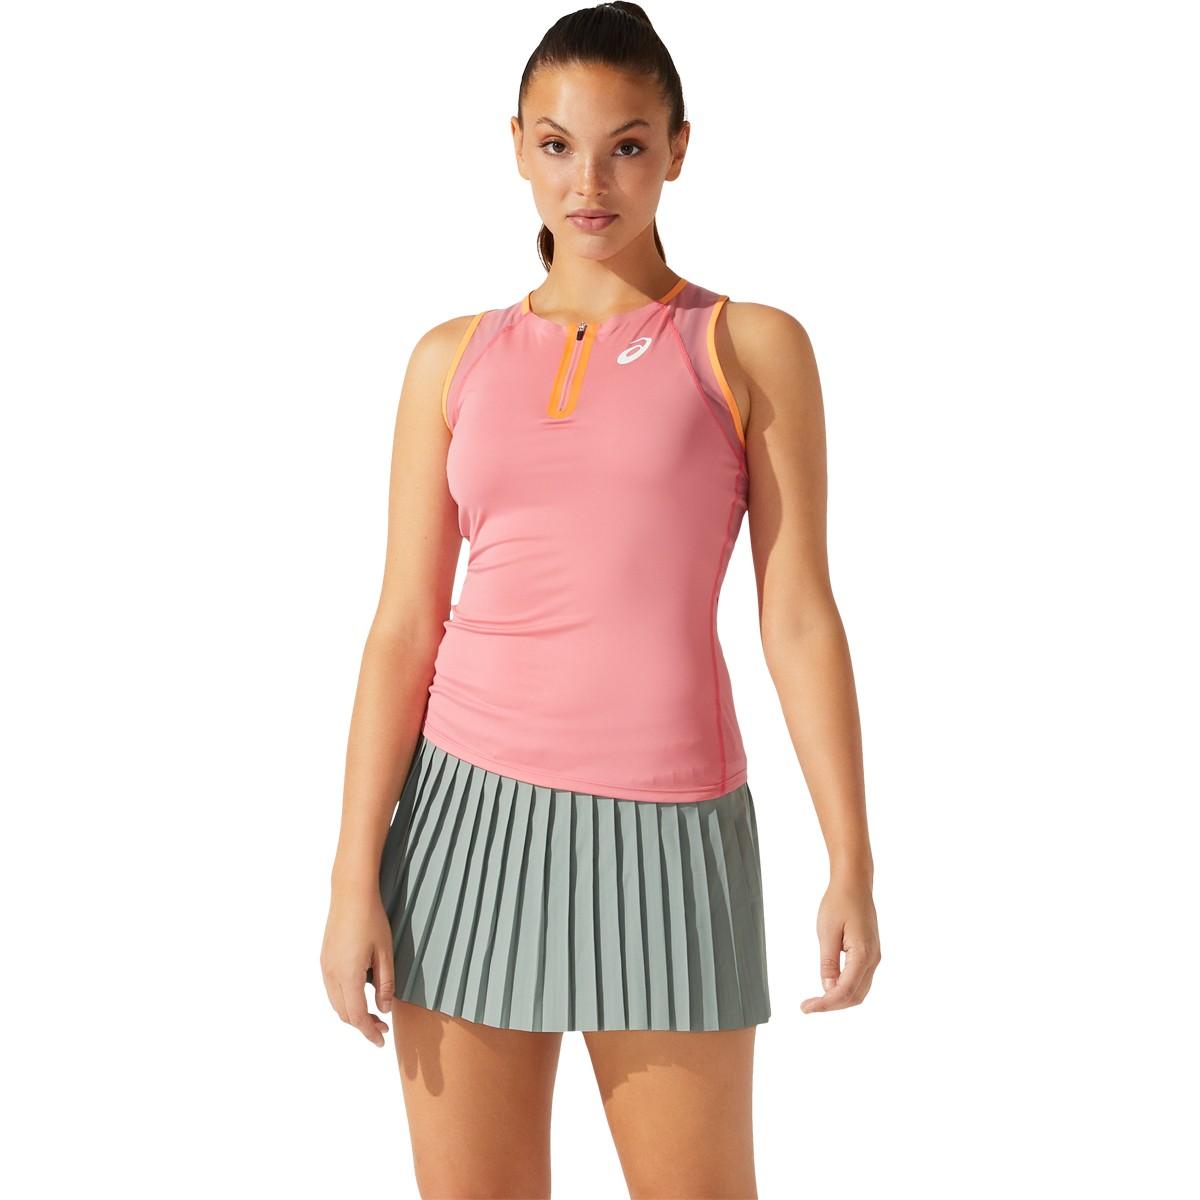 Débardeur Asics Femme Match Paris Rose - Debardeur - Tennis Achat